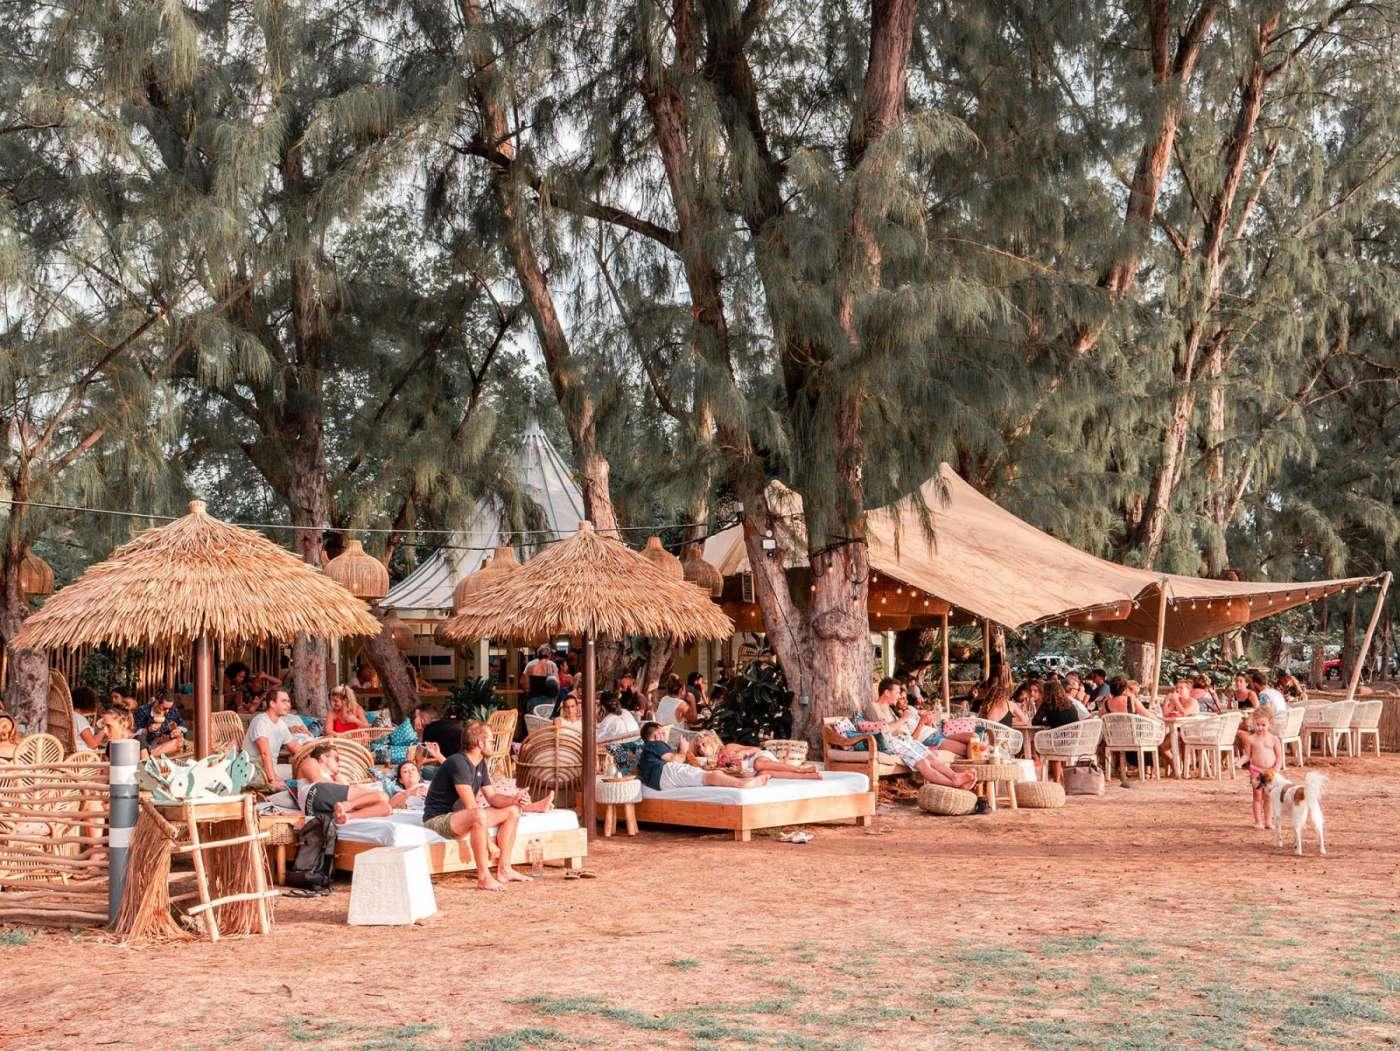 Les balançoires, le nouveau bar-restaurant les pieds dans l'eau de l'hermitage 974